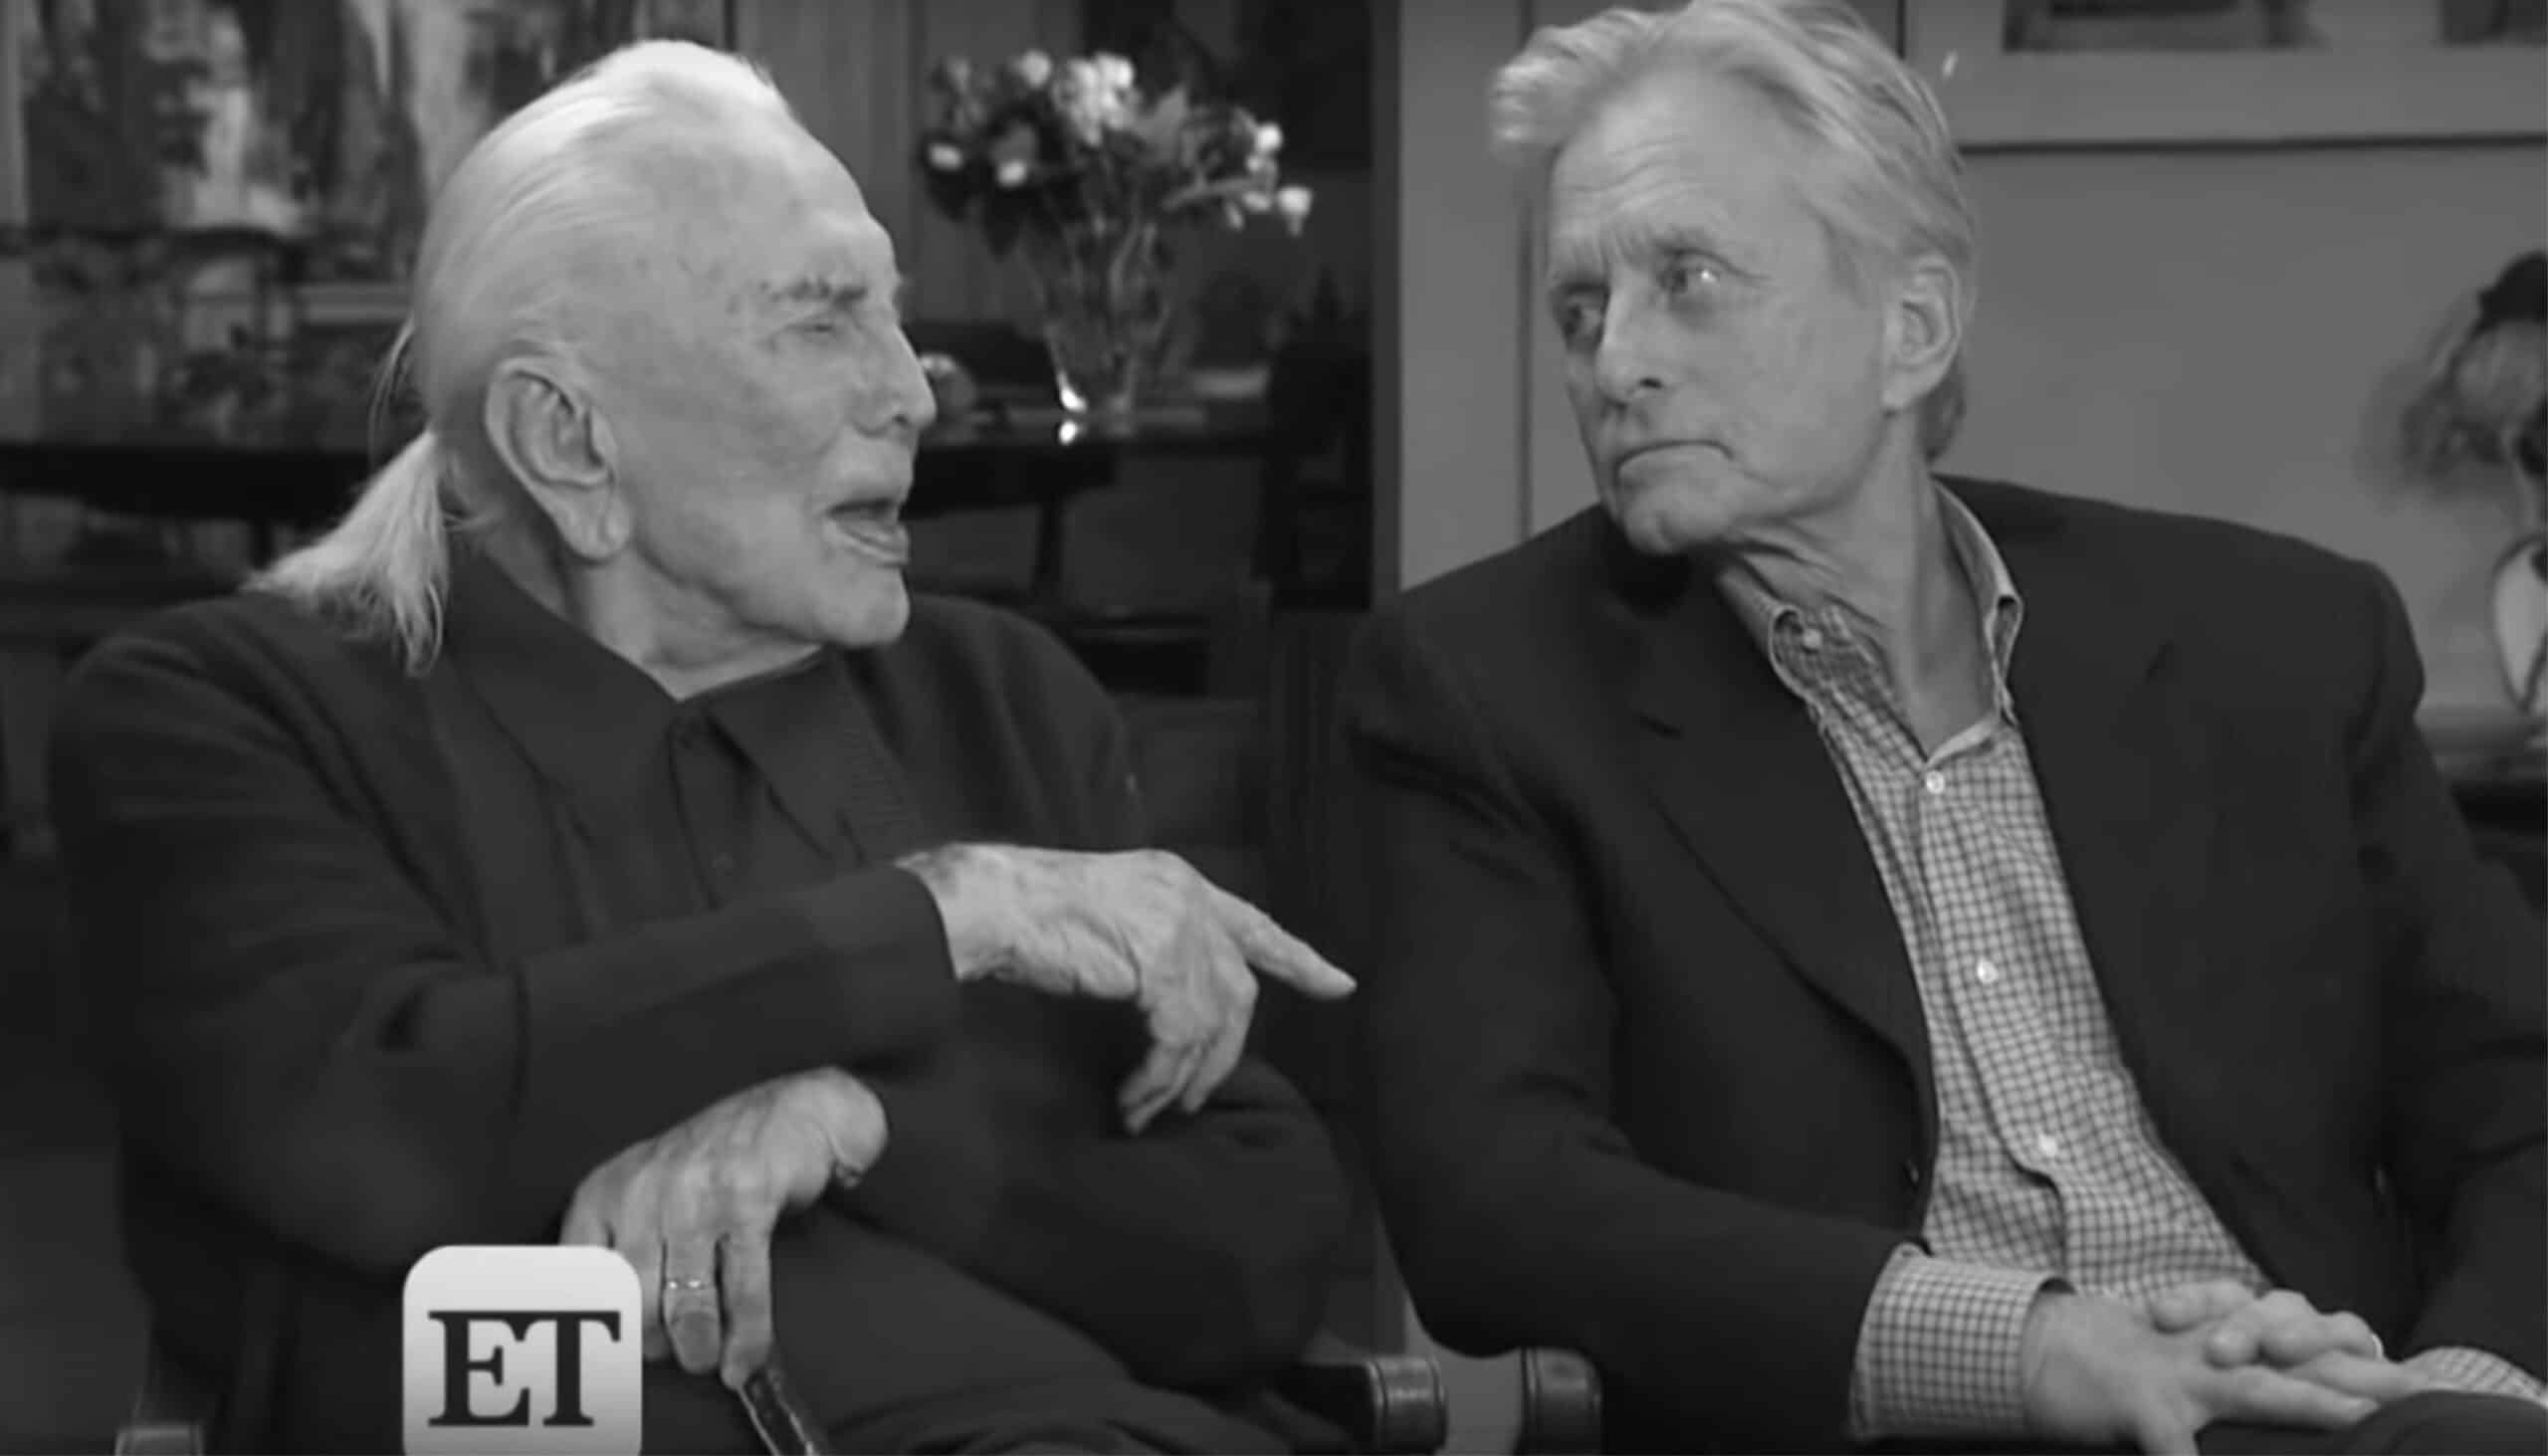 Nie żyje Kirk Douglas, aktor i legenda kina miał 103 lata - poinformował o tym jego syn Michael Douglas. Fani kina na całym świecie w żałobie